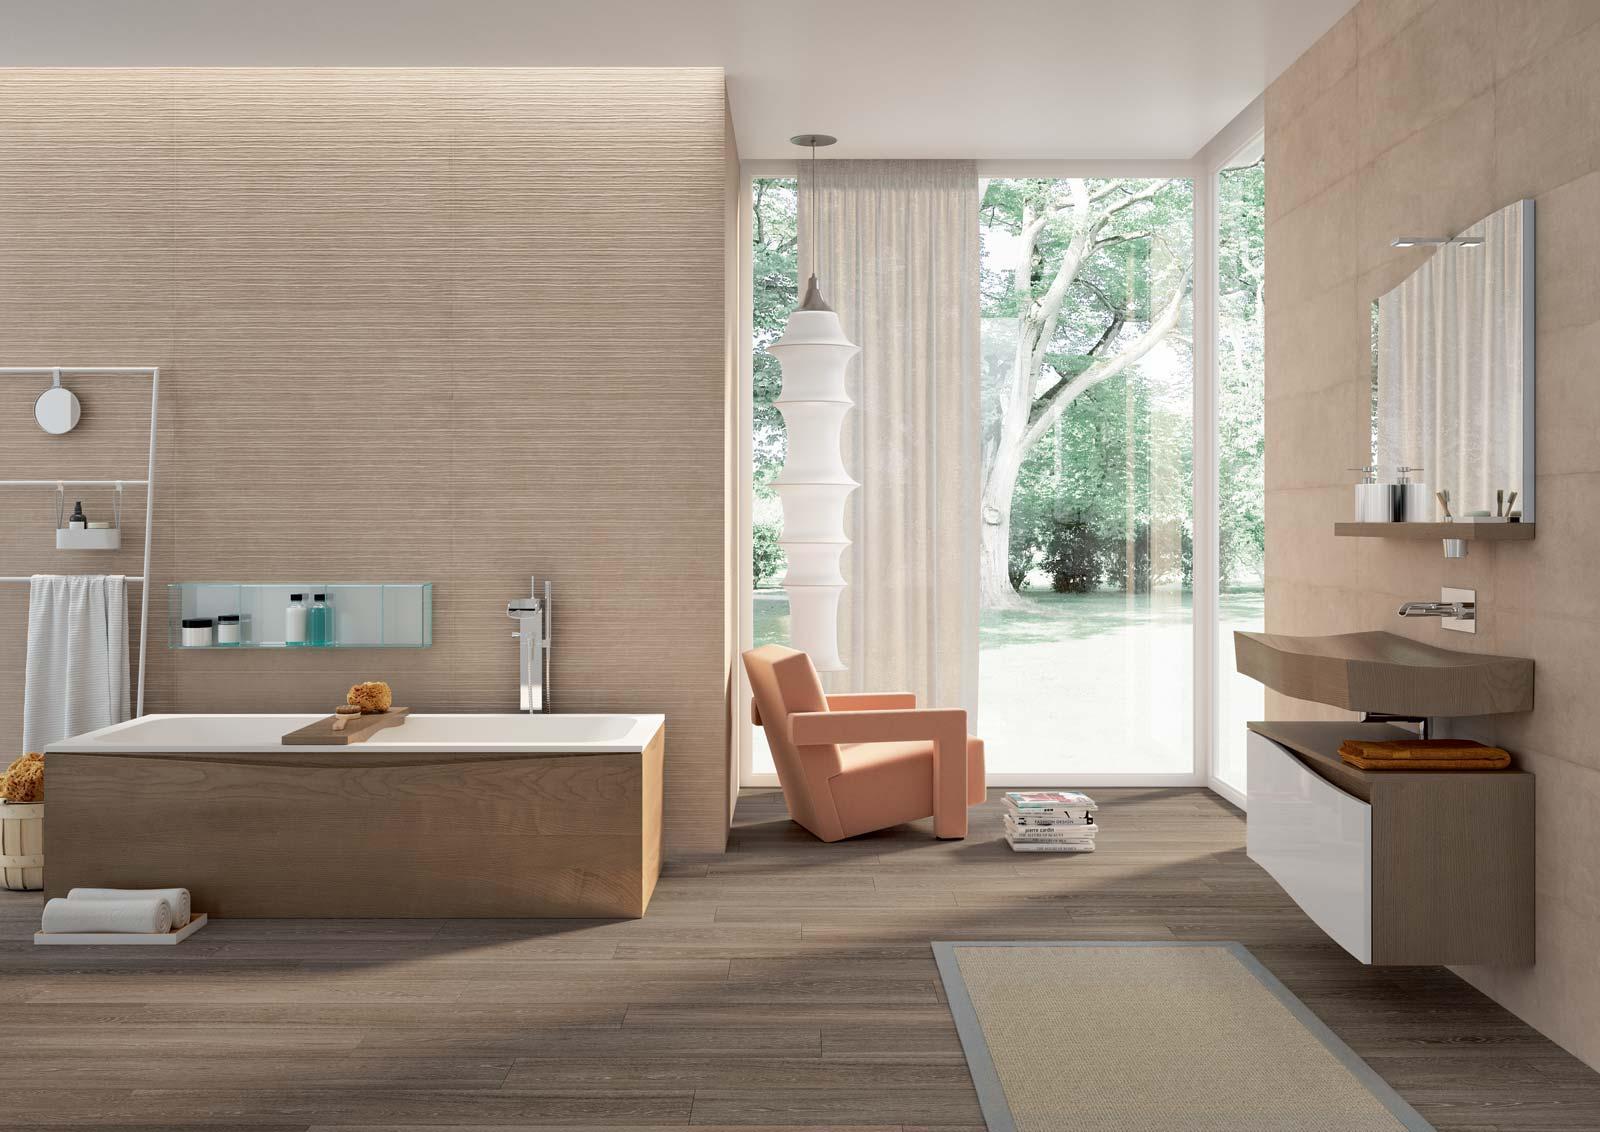 Piastrelle Arancioni Per Bagno idee rivestimento bagno: fresco & fabric by marazzi – garbi